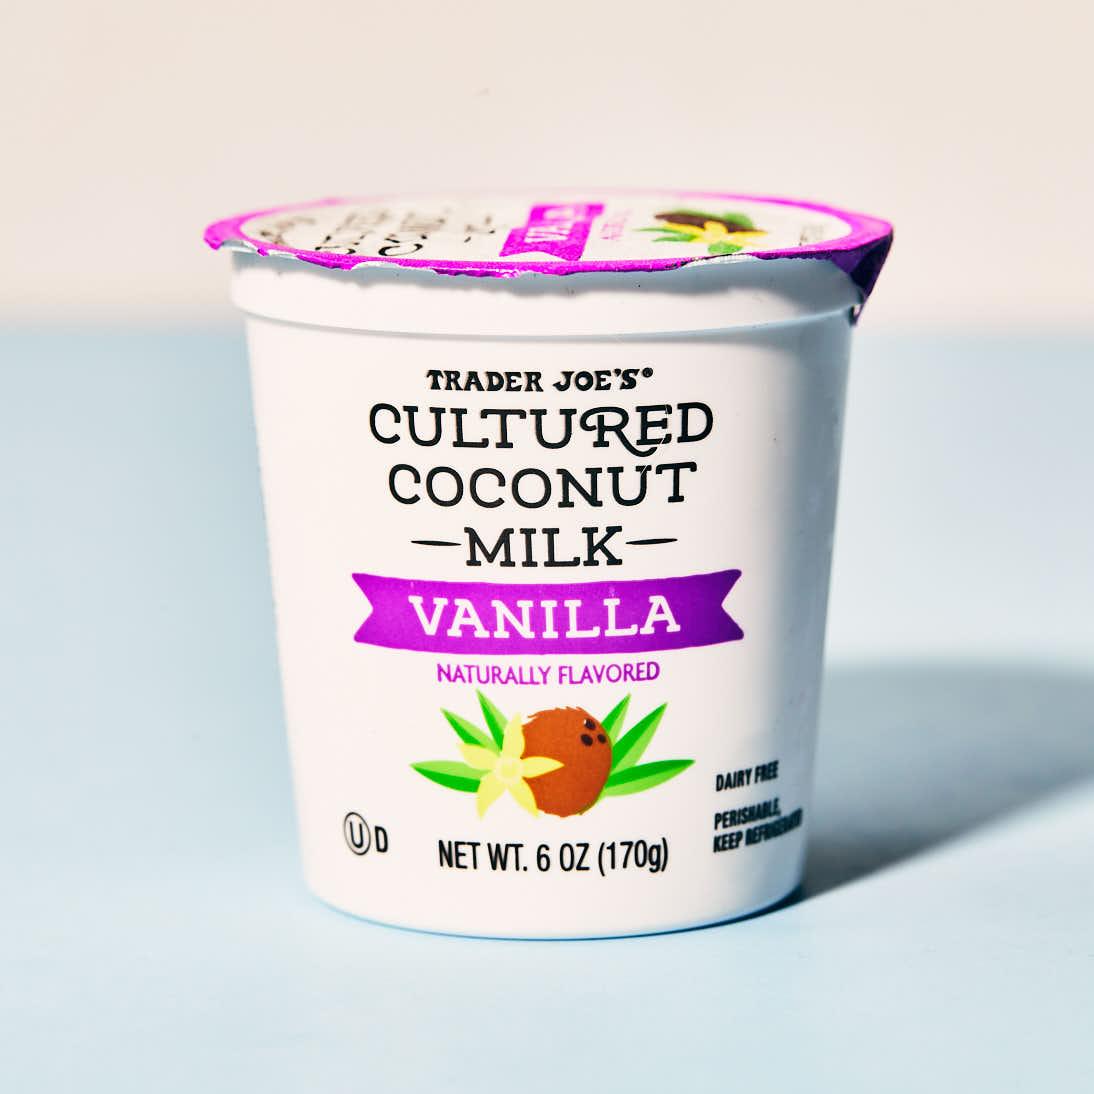 Trader Joe's Cultured Coconut - Vanilla.jpg